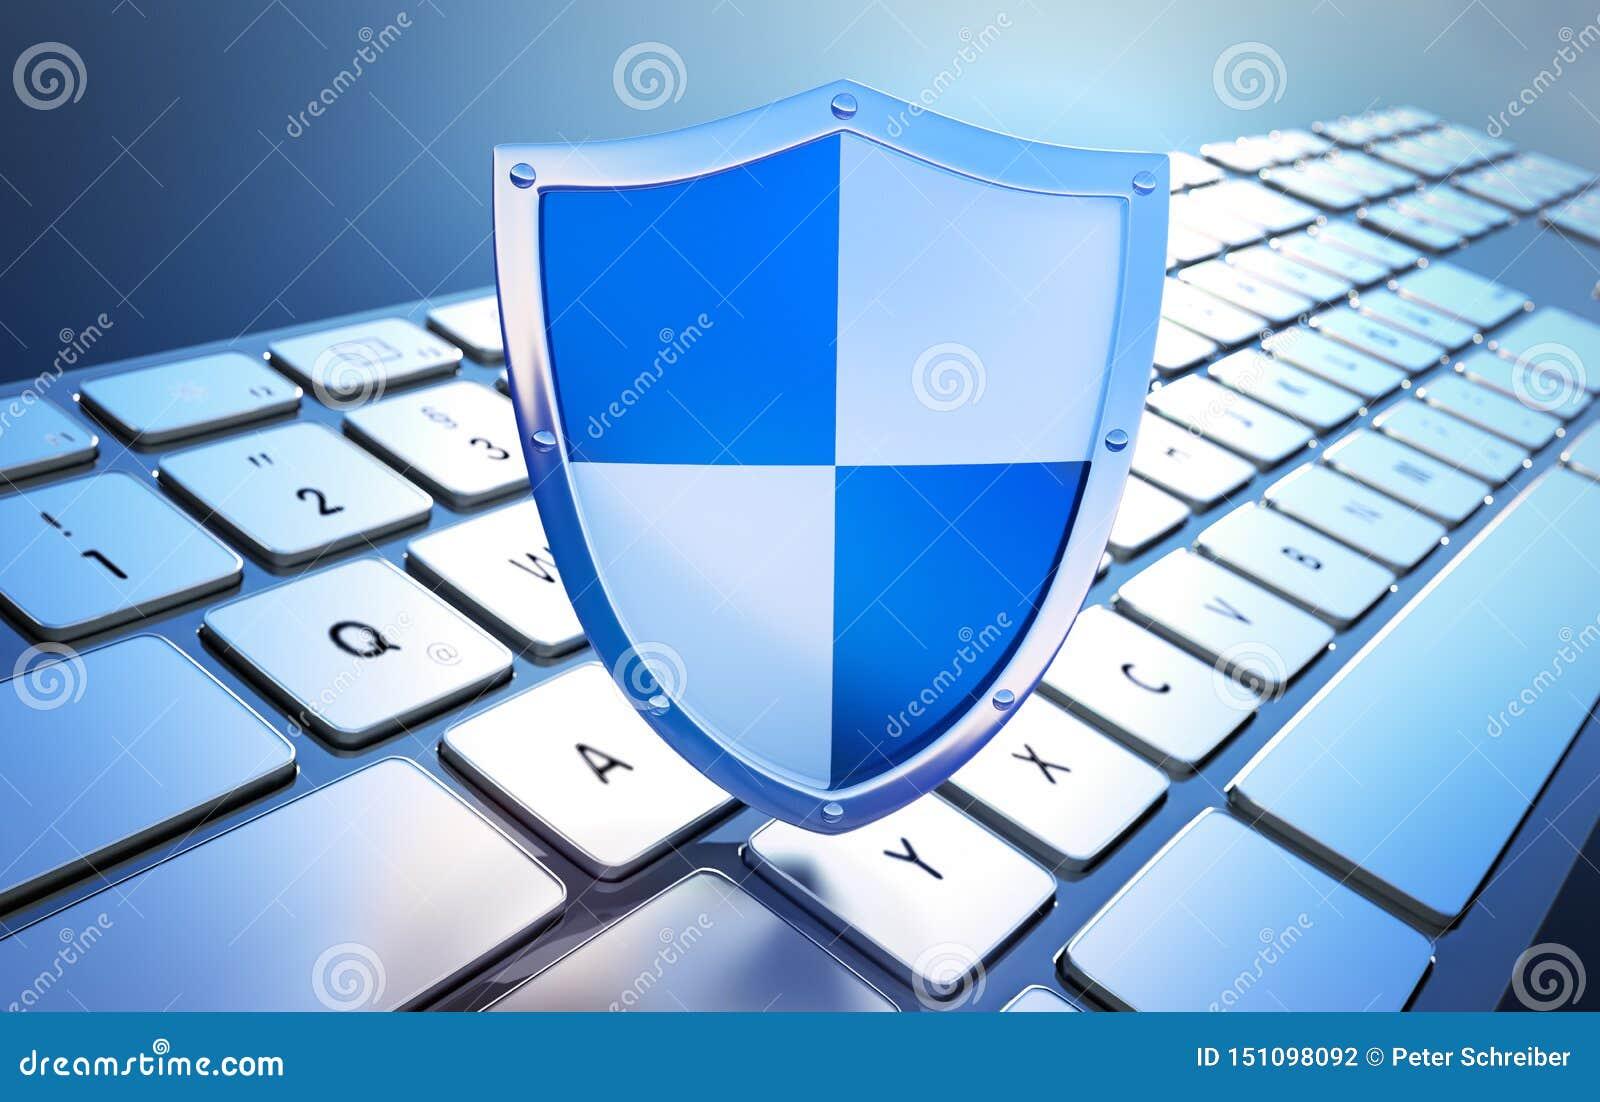 Escudo de la seguridad en el teclado - seguridad informática del concepto